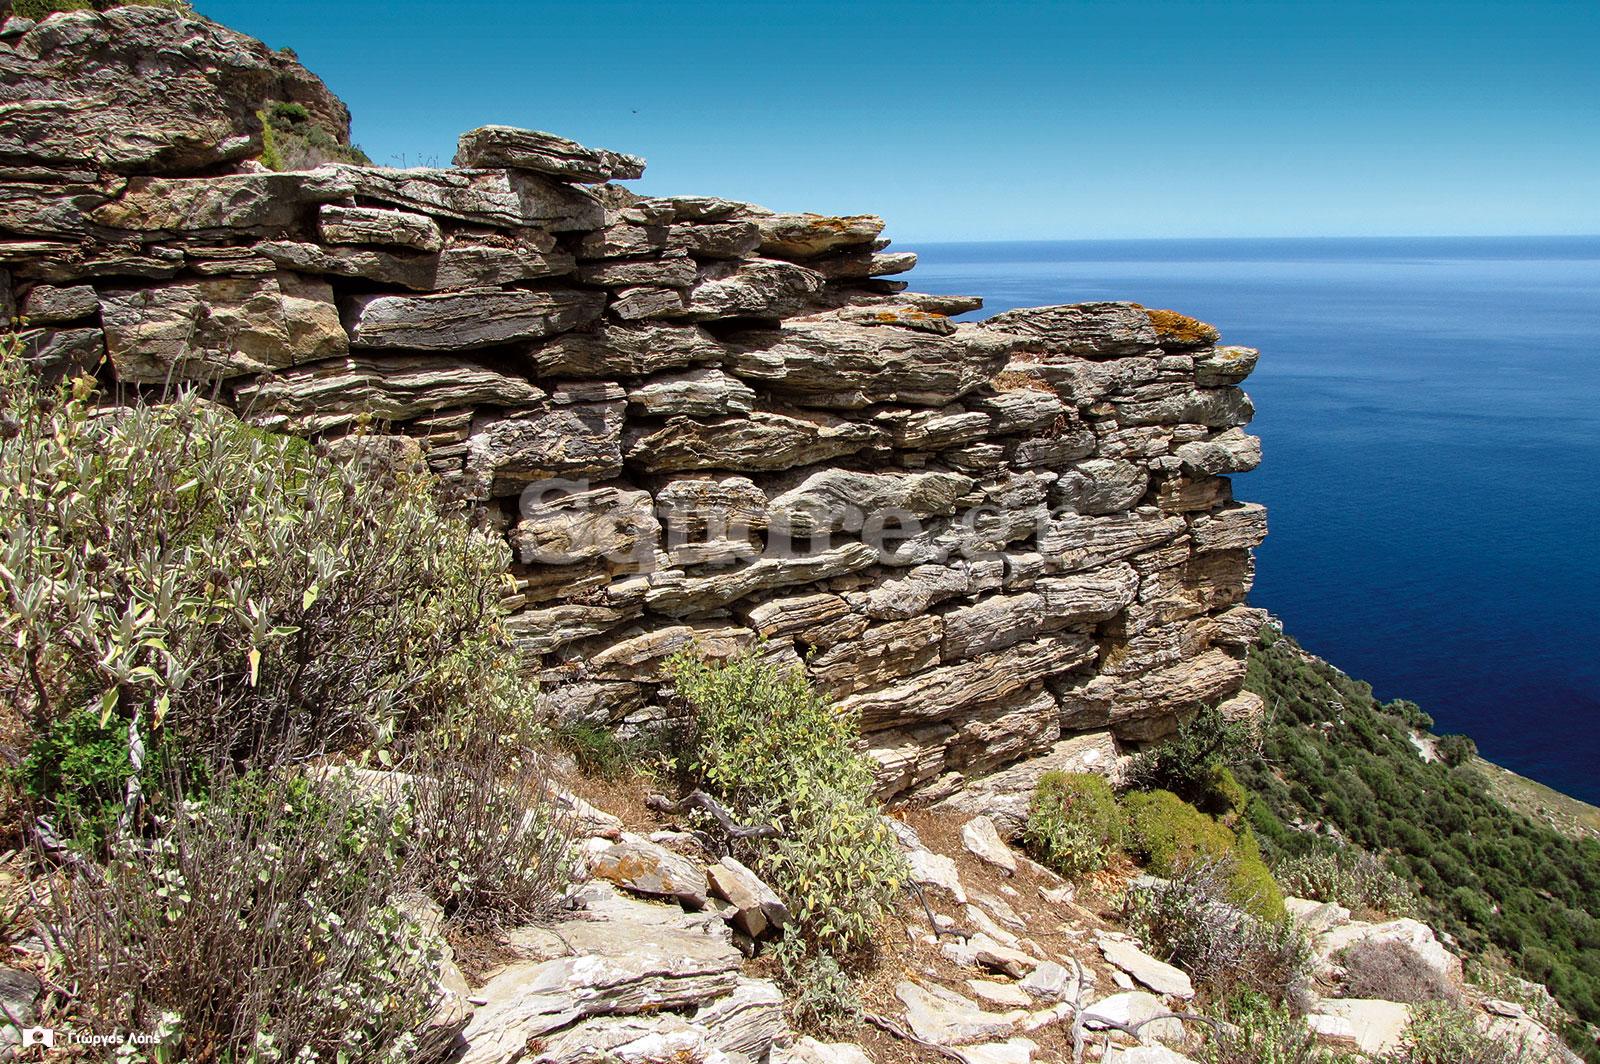 18-Άποψη-της-βάσης-του-μεσαίου-αμυντικού-πύργου-των-ανατολικών-τειχών